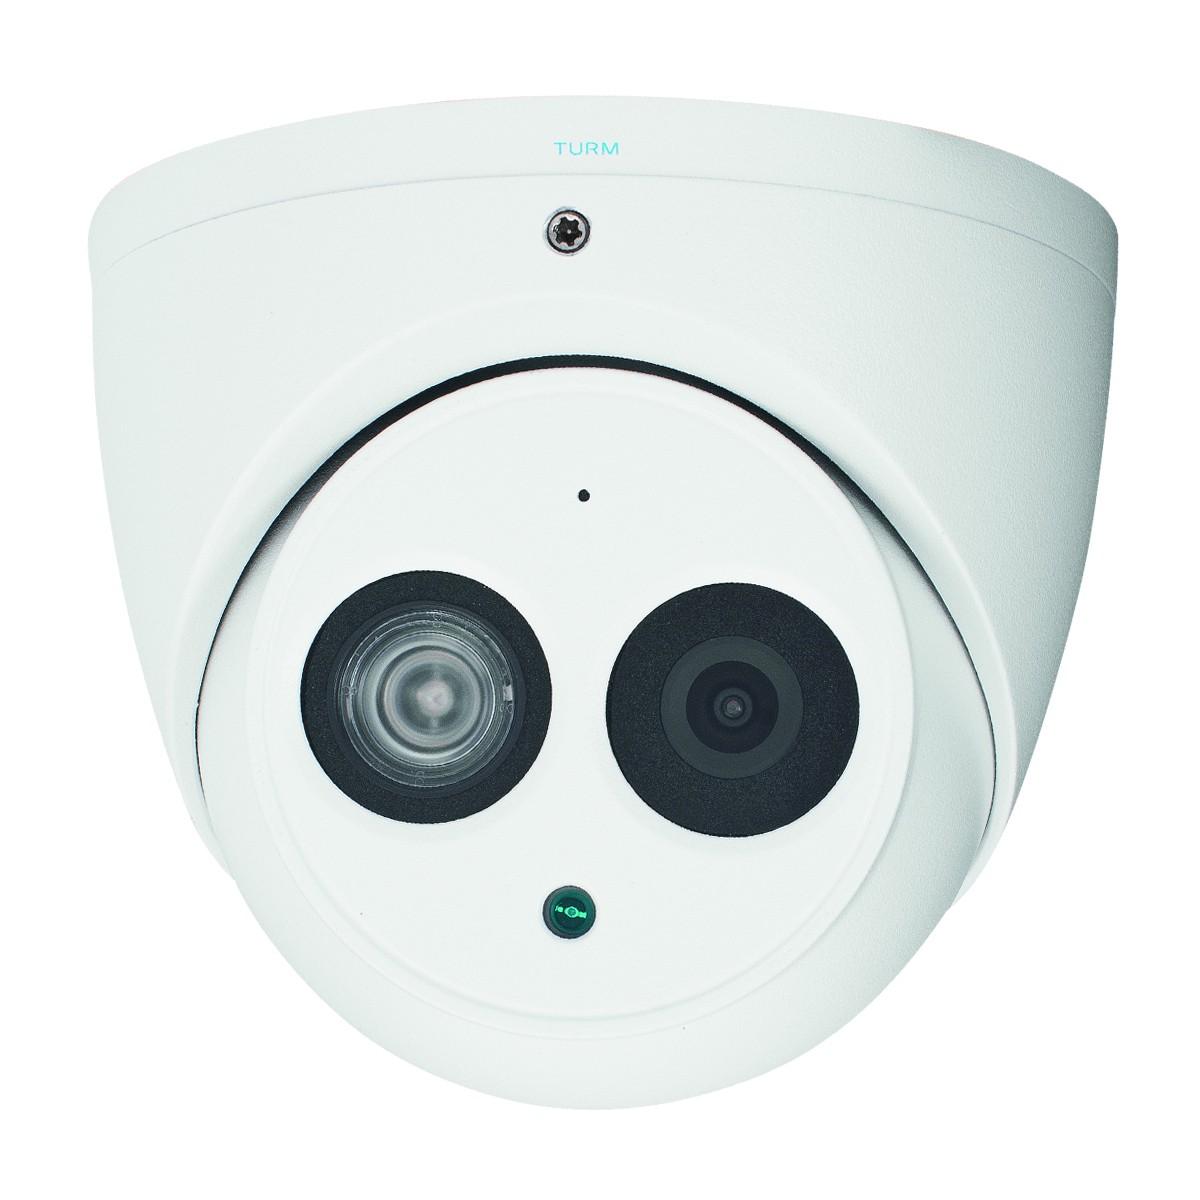 TURM IP Professional 4 MP Dome IP Kamera mit Mikrofon, 50m Nachtsicht,120dB WDR und H.265